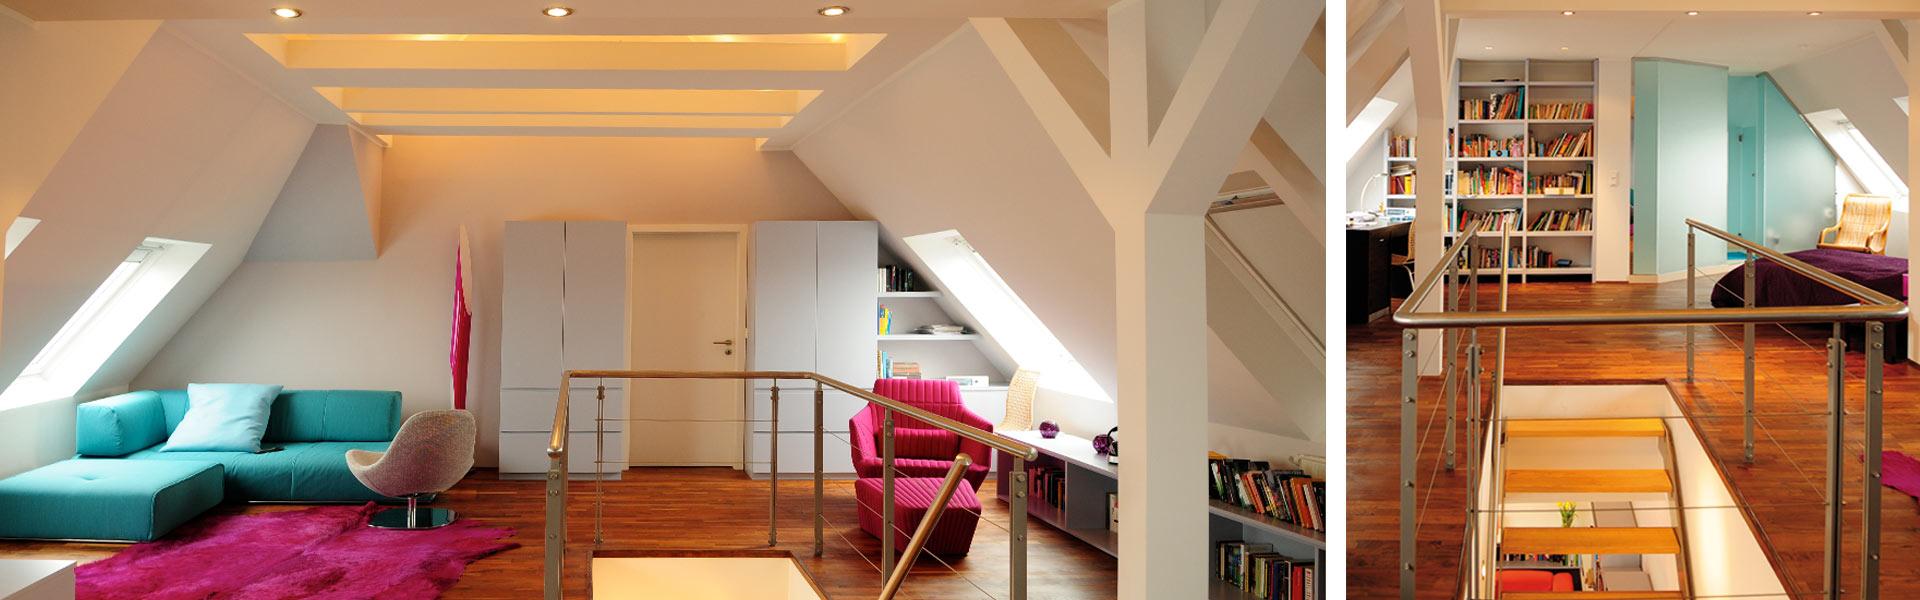 Loft Architektur Innenarchitektur Düsseldorf